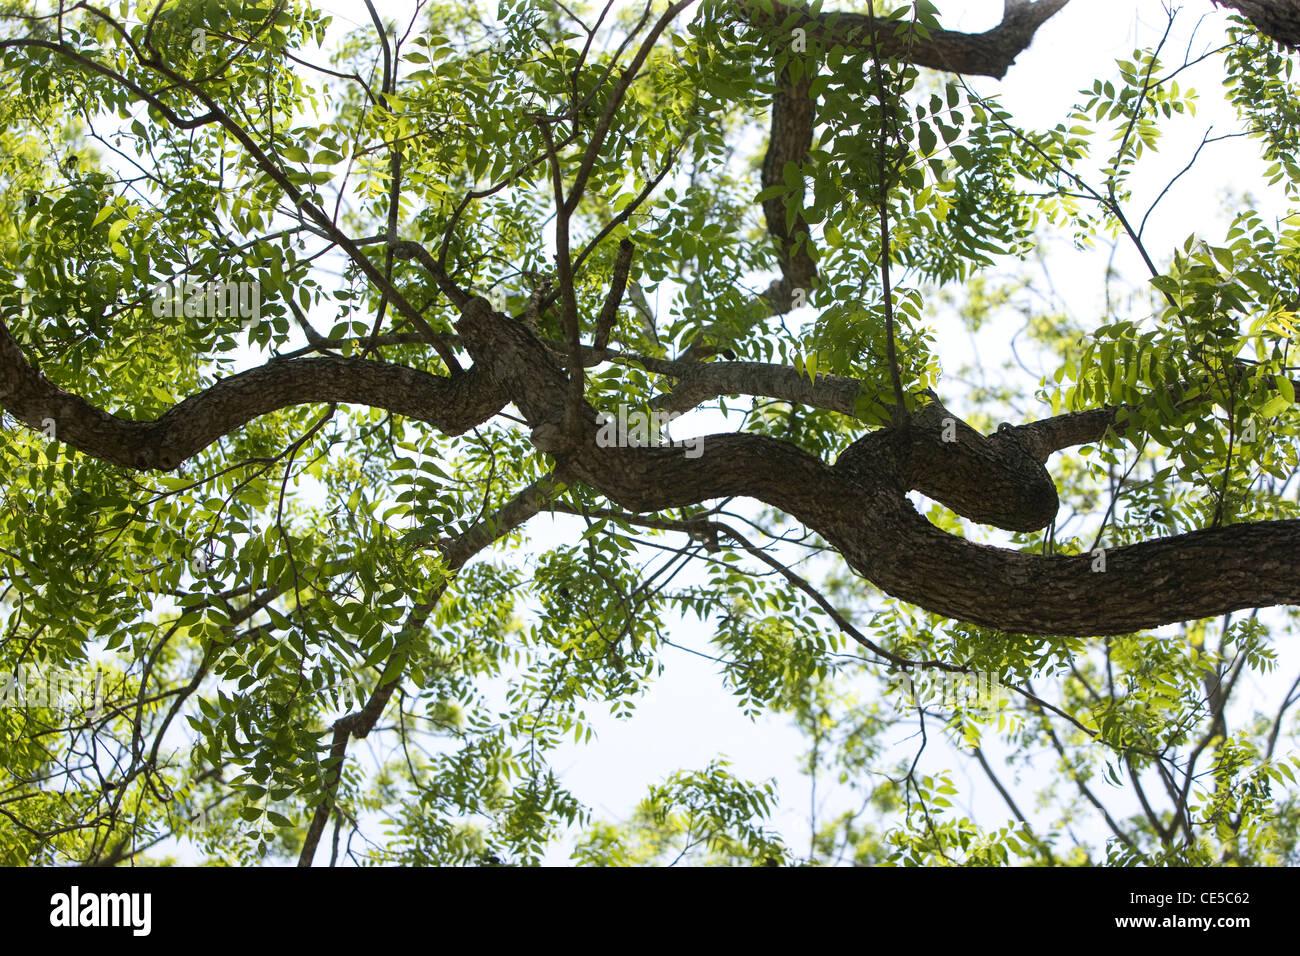 Live Oak Tree in Springtime in Austin, Texas - Stock Image